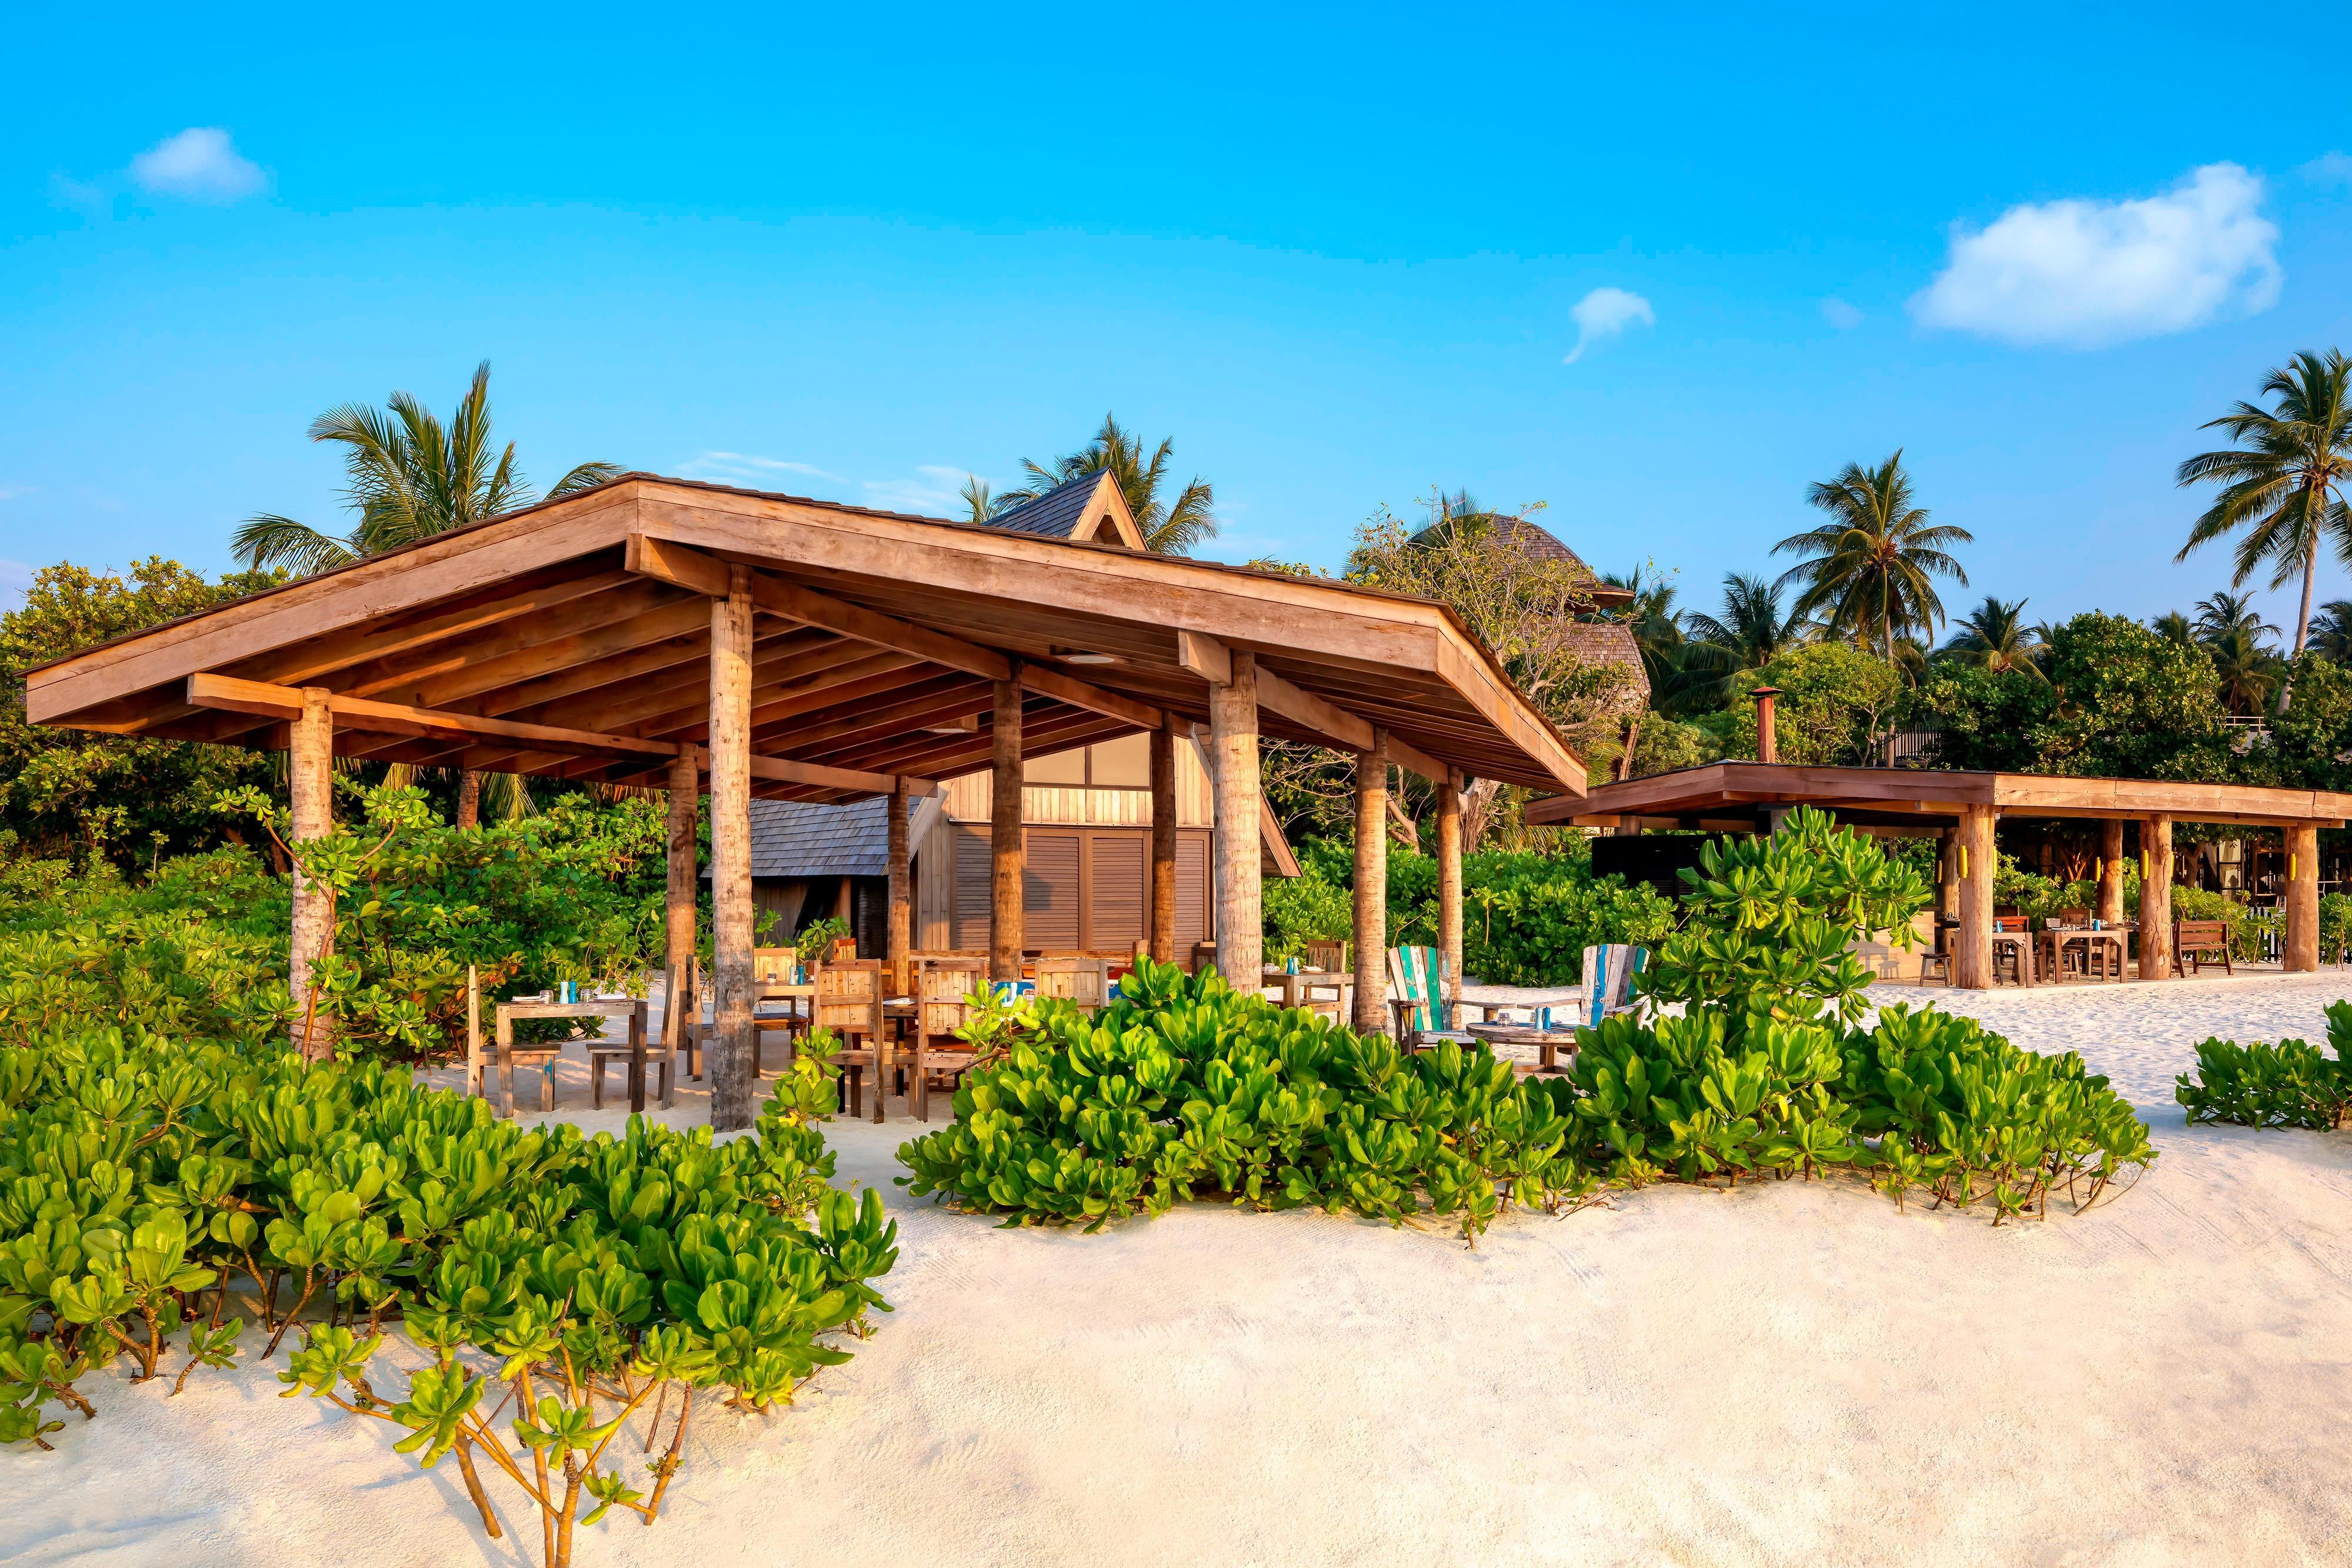 レストラン「Craft & Crust Restaurants on the Beach」